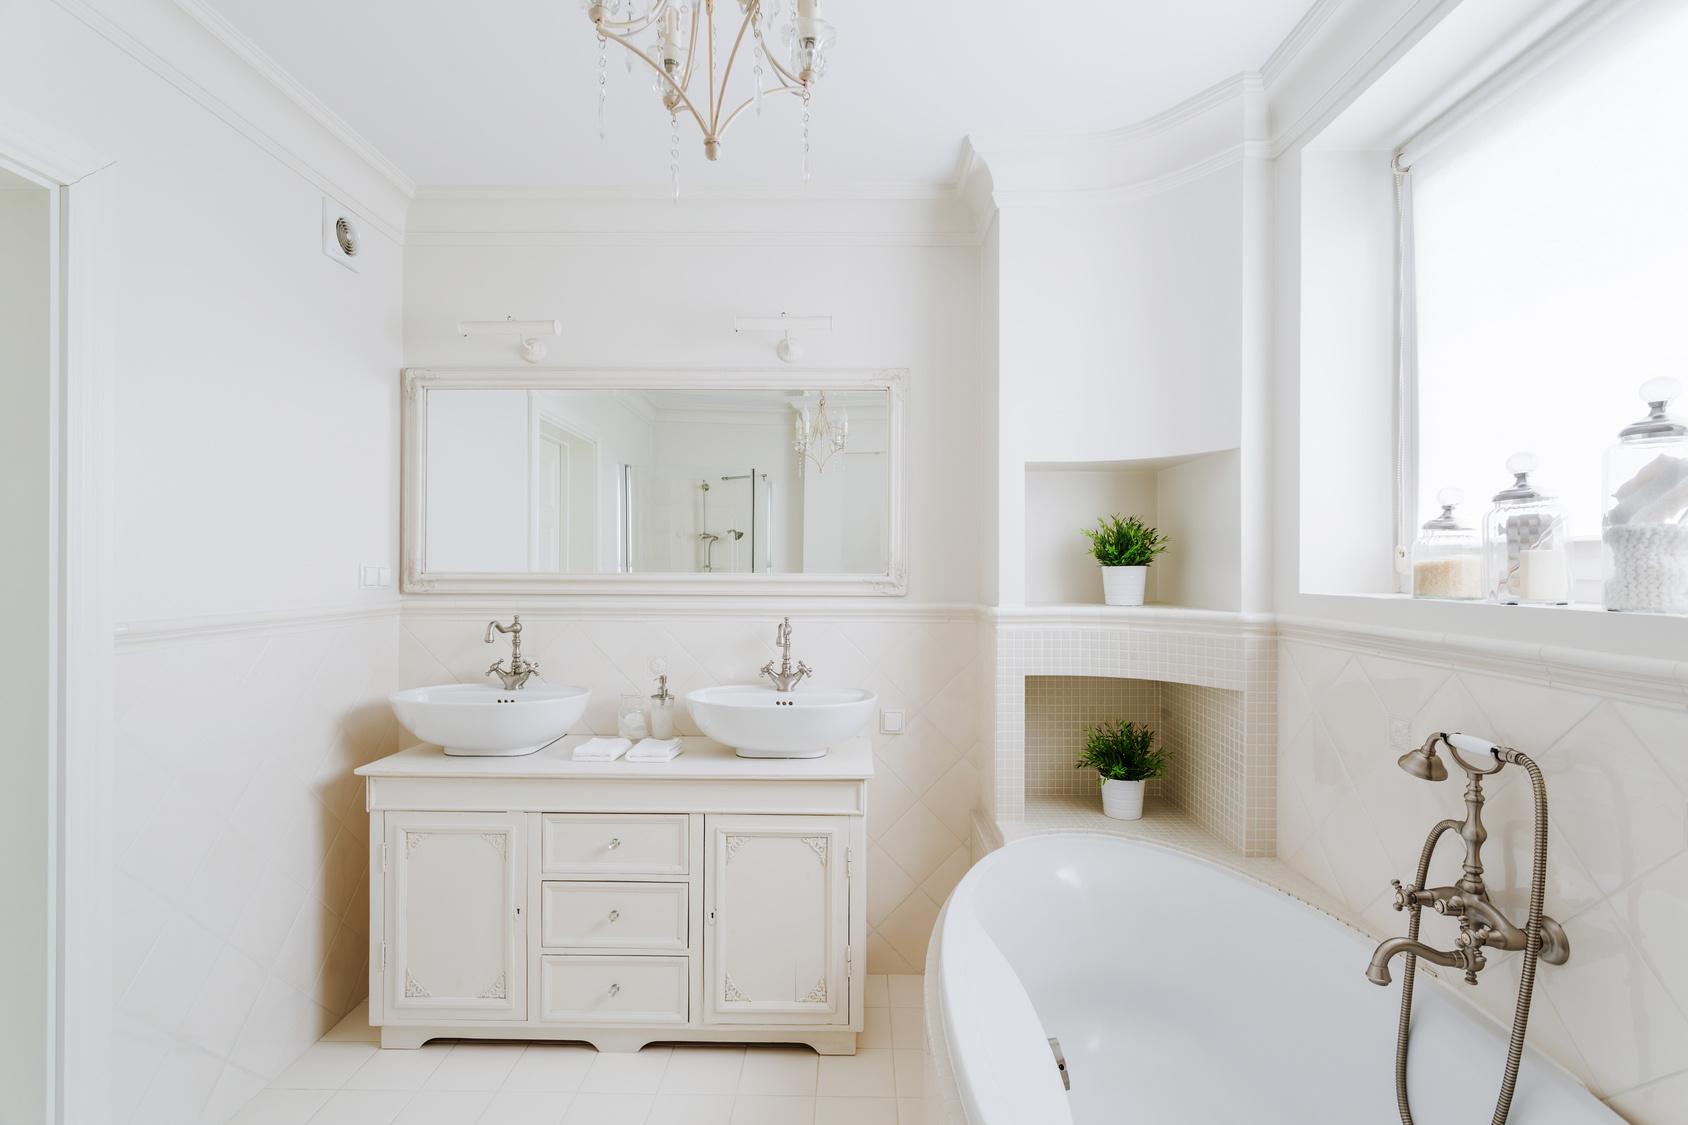 łazienka-w-prowansalskim-stylu